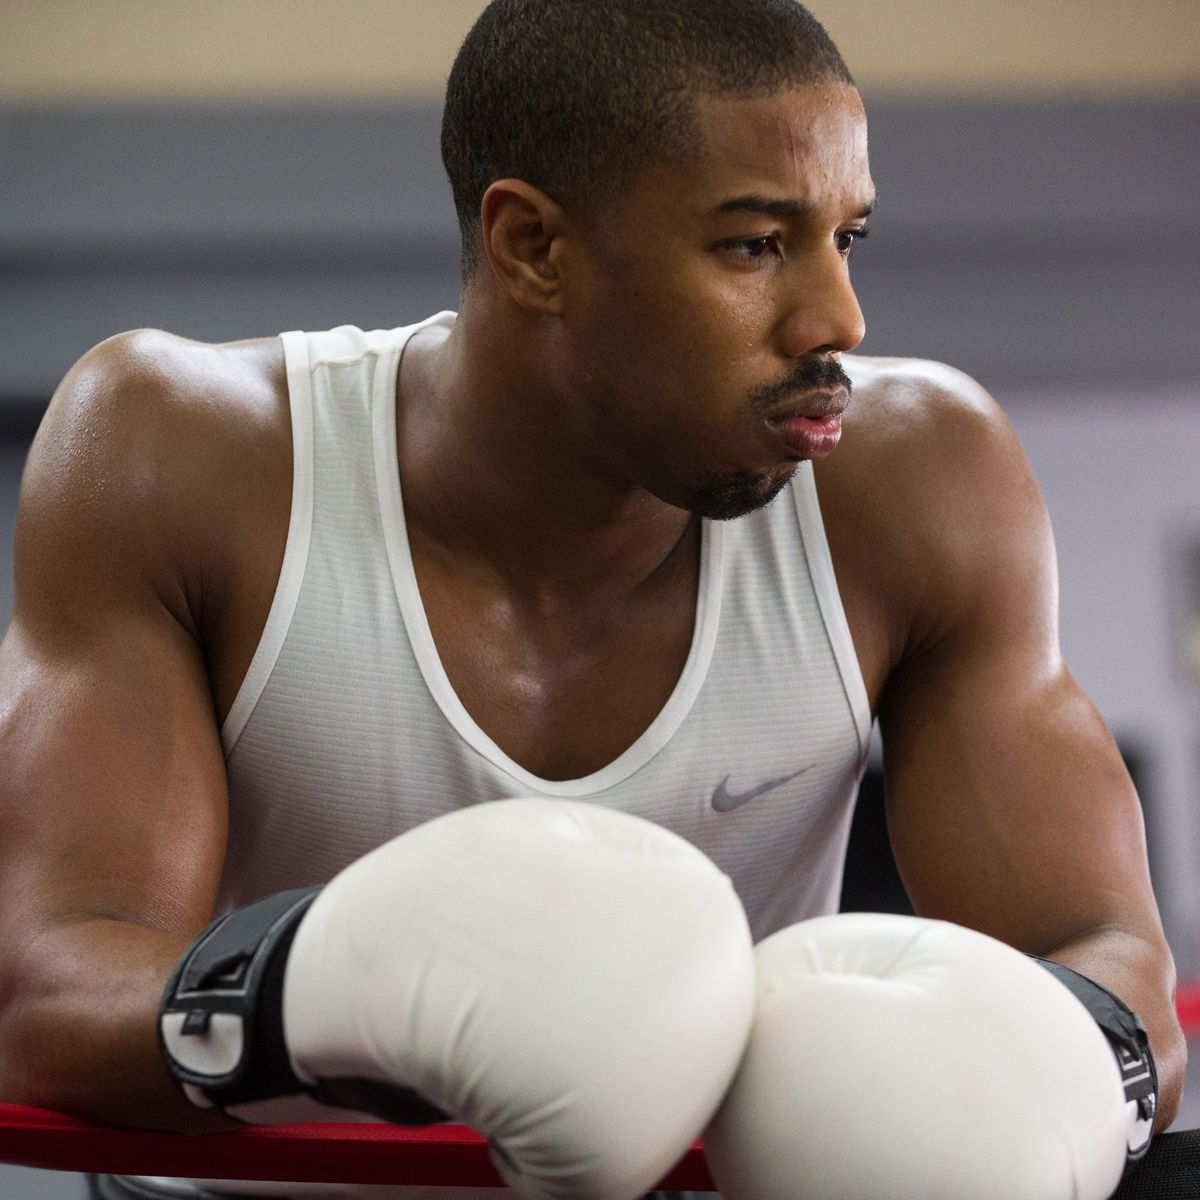 Creed 20 Michael B. Jordan Directorial Debut Has Release Date